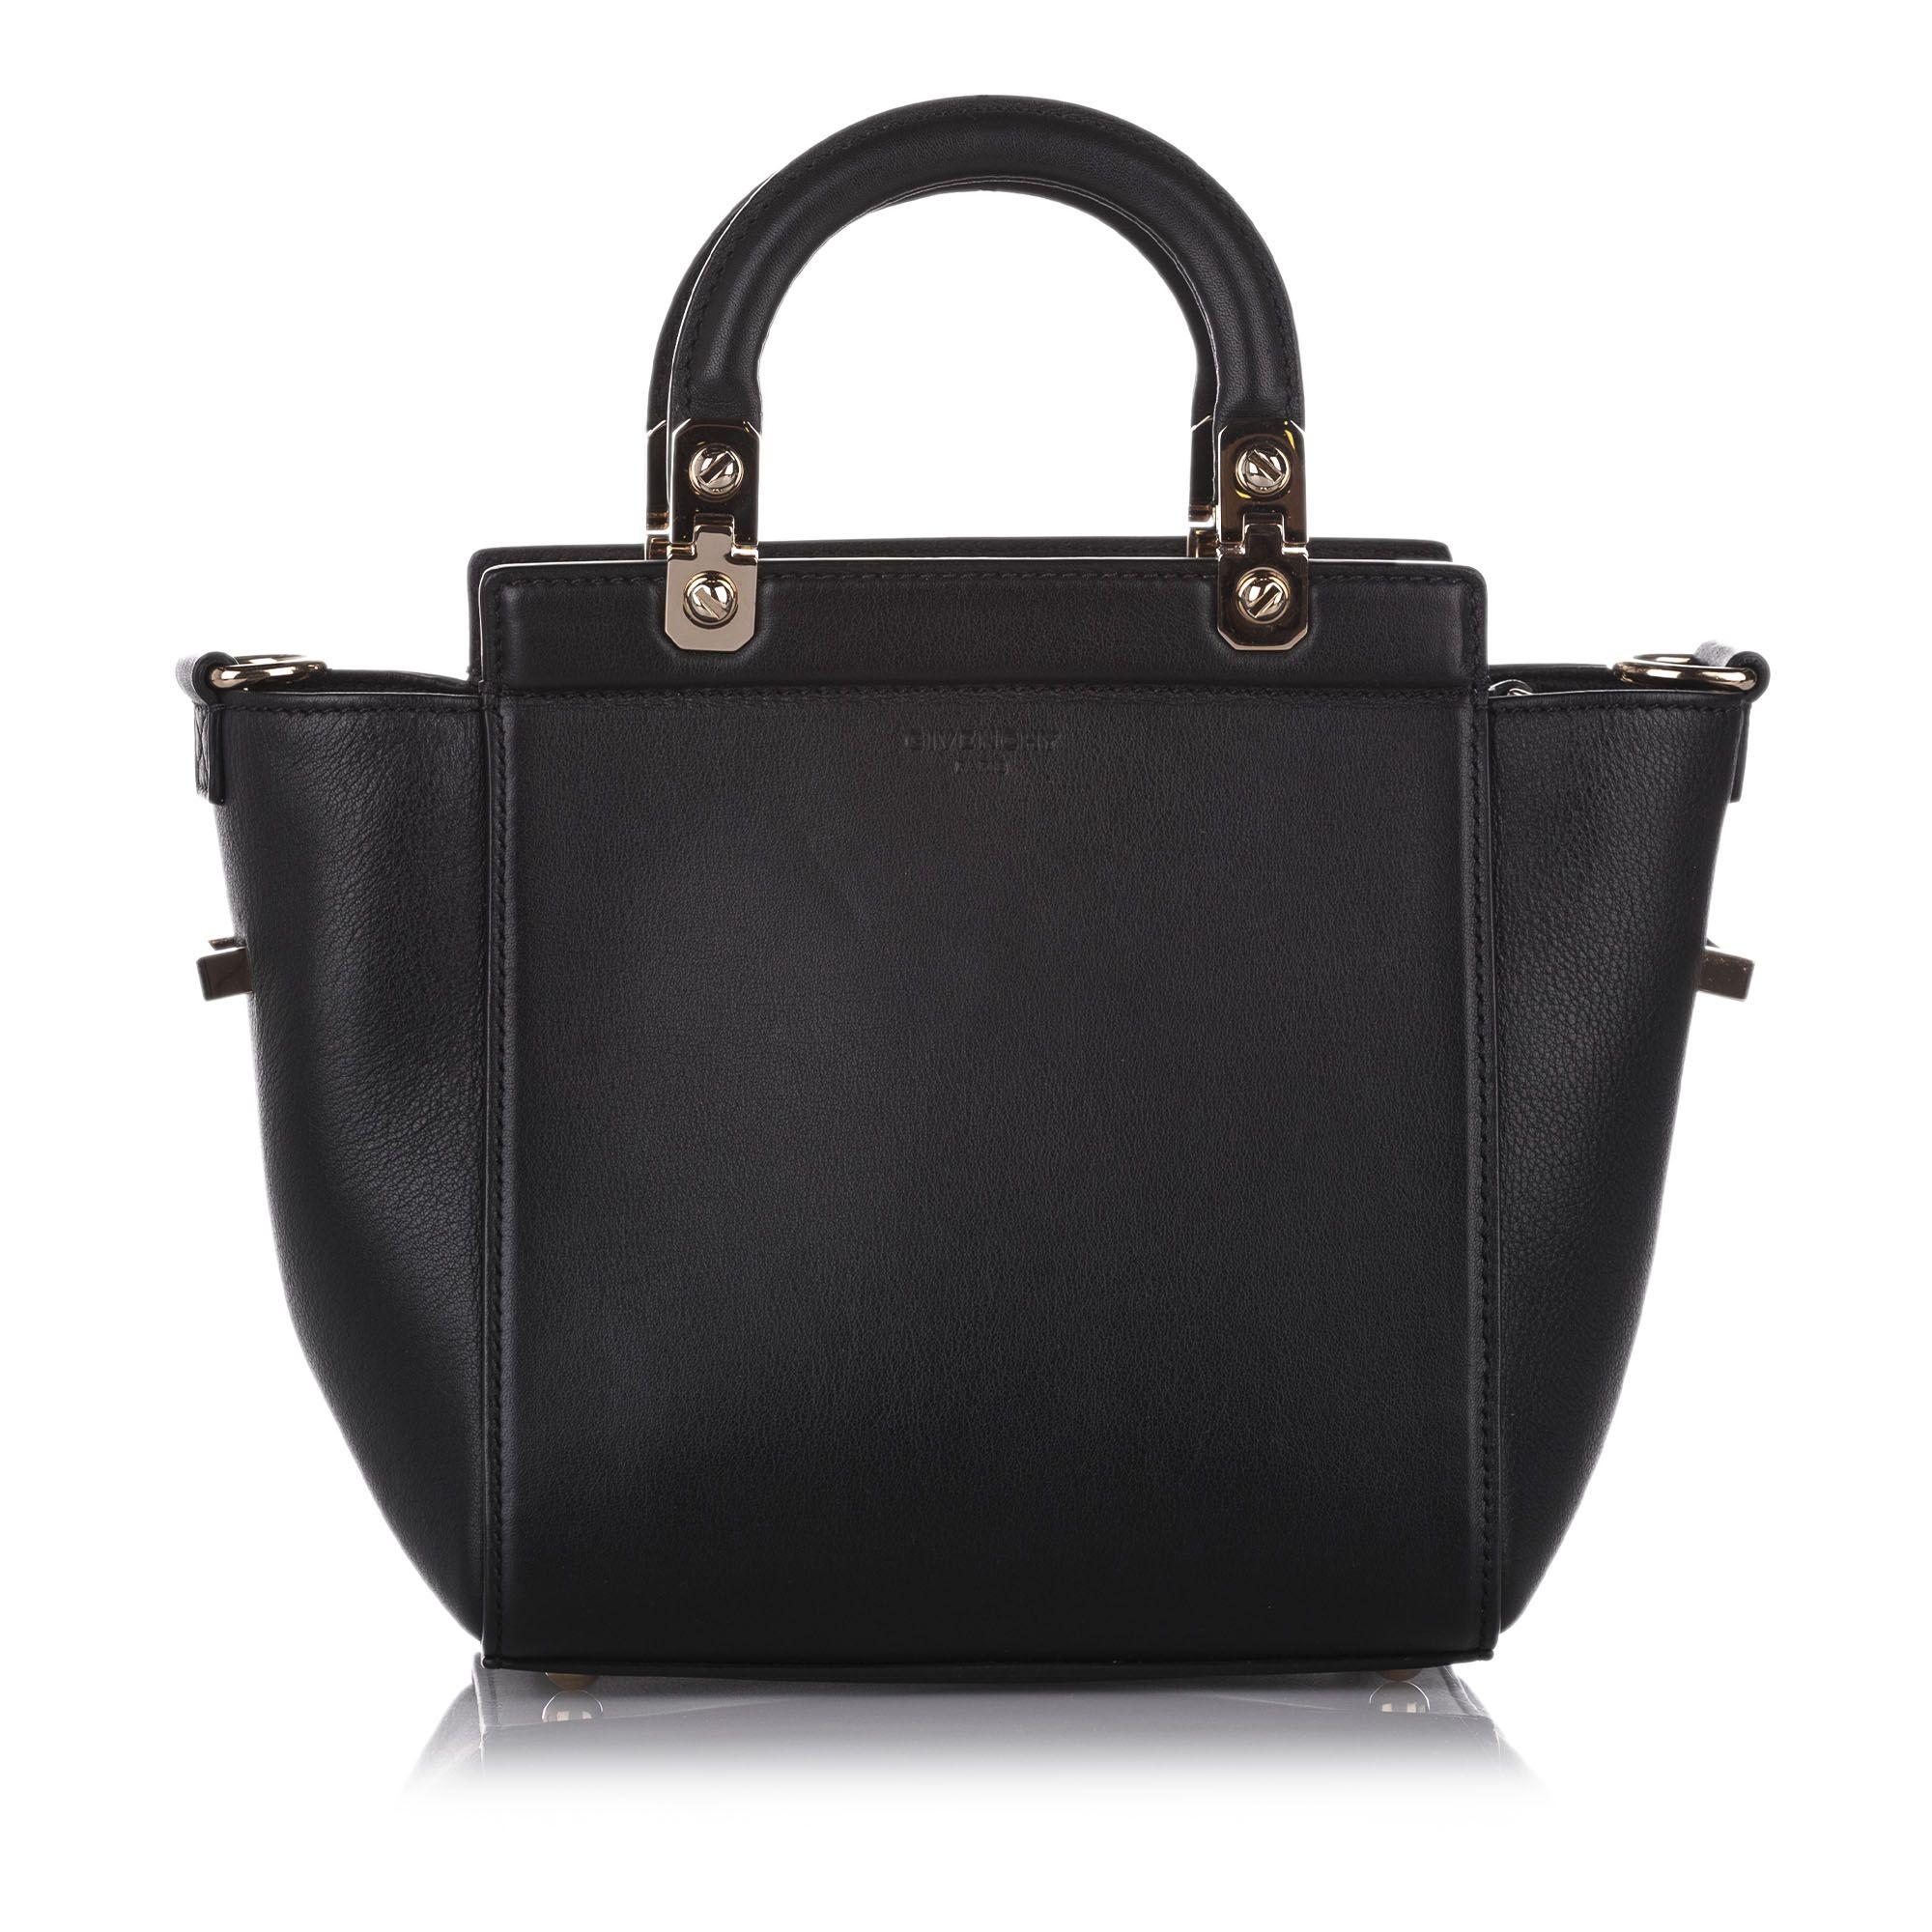 Vintage Givenchy HDG Leather Satchel Black